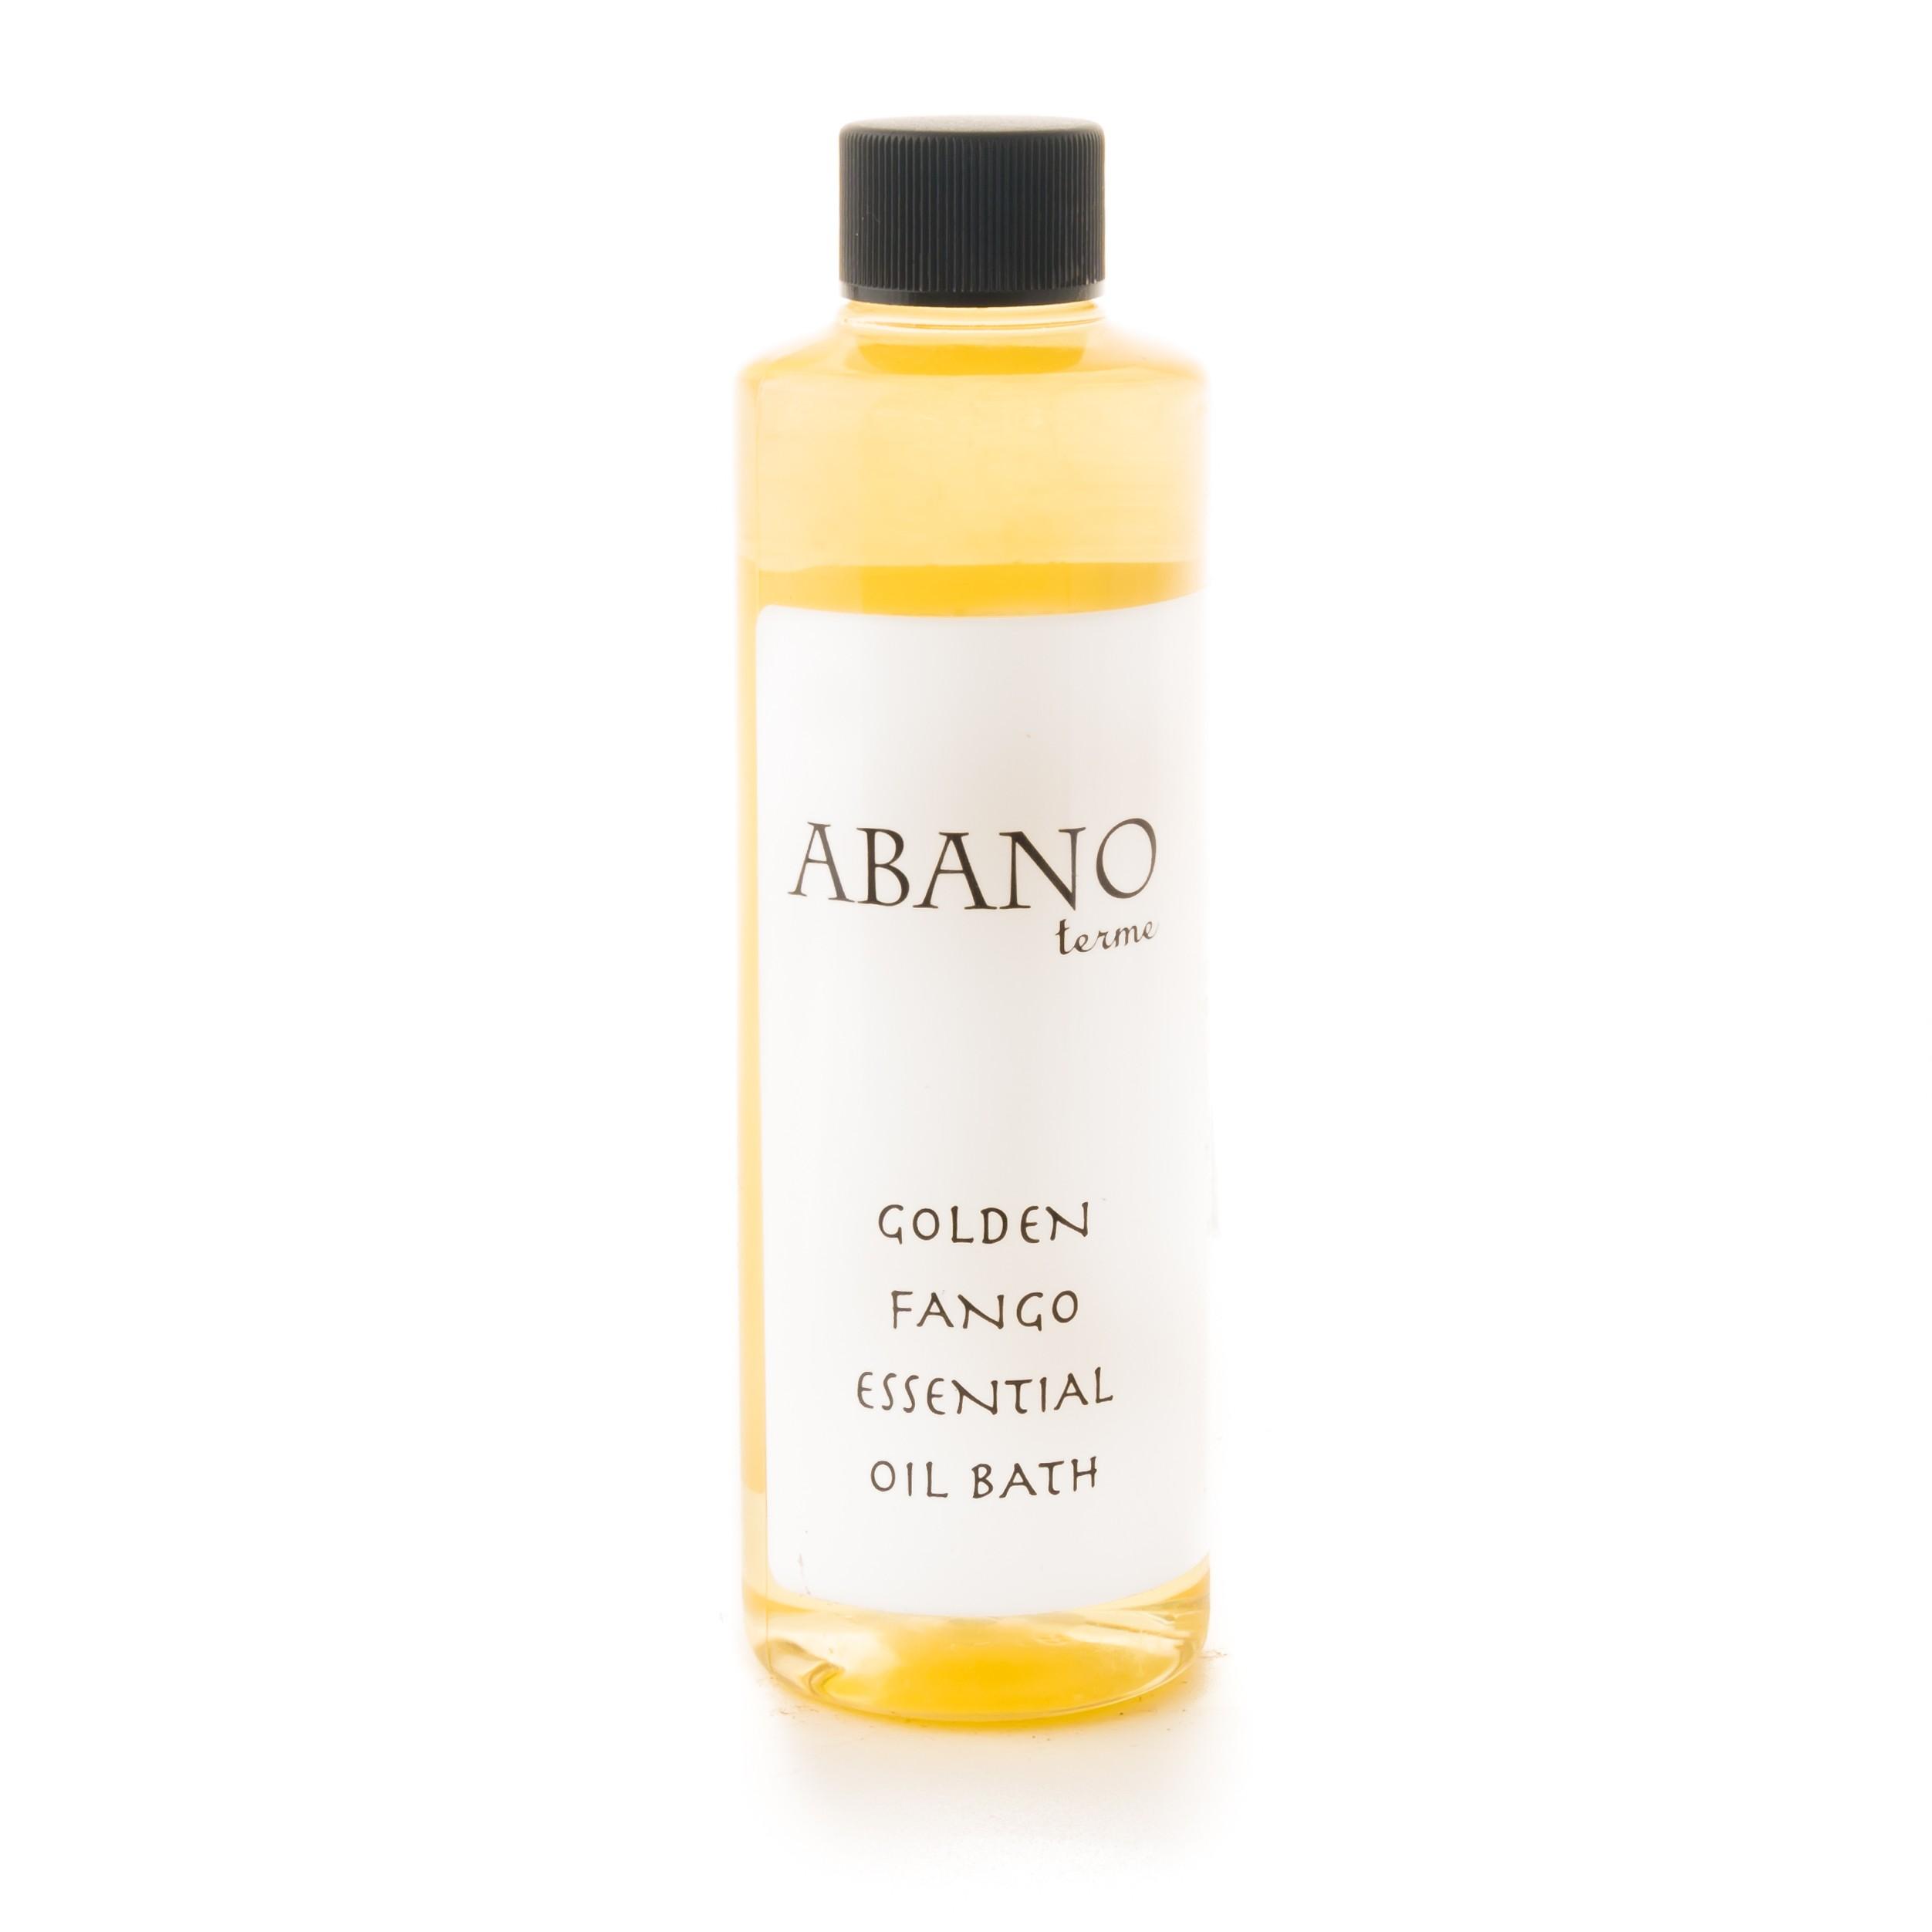 golden fango